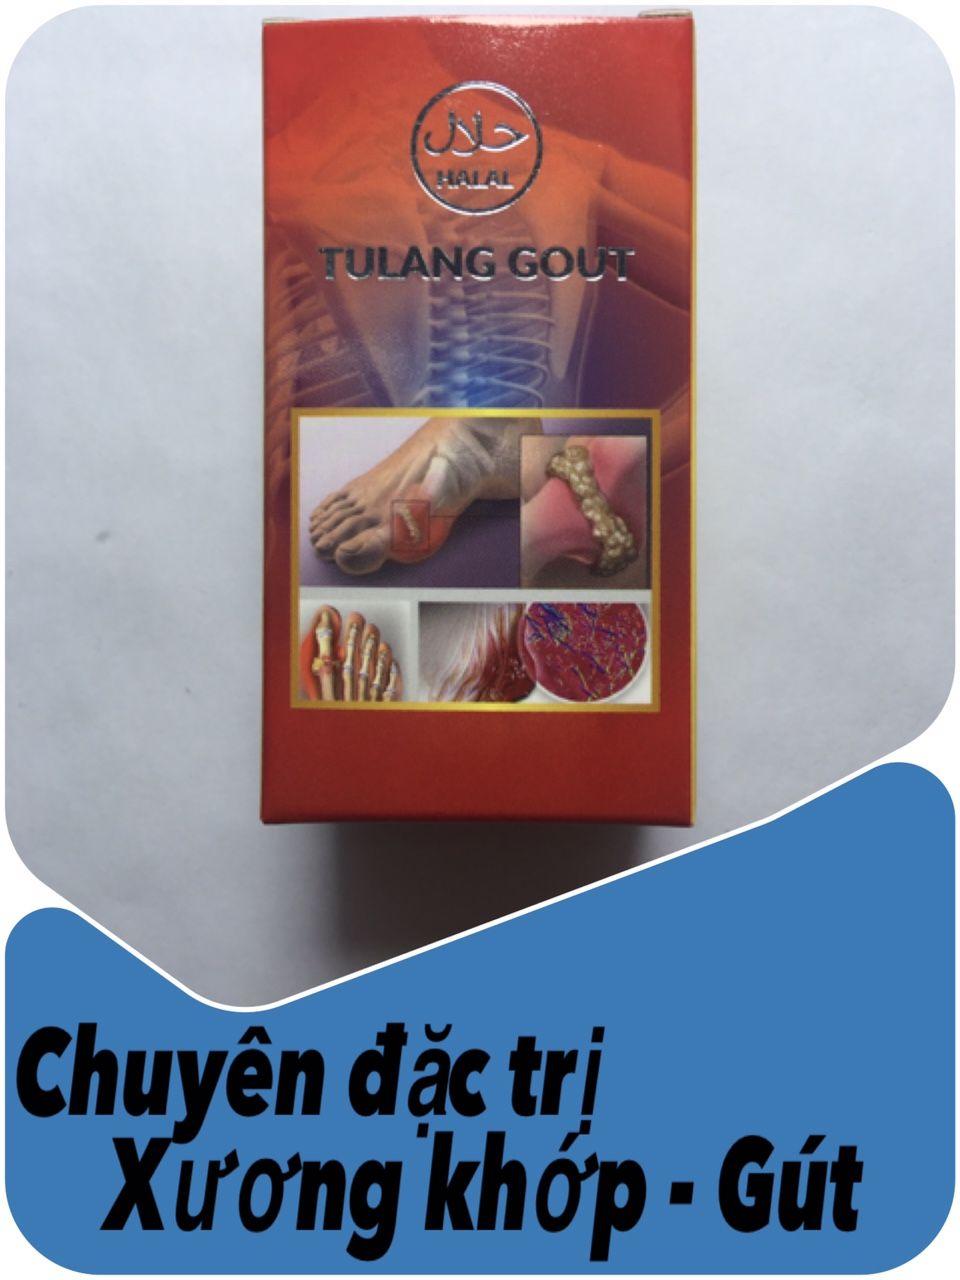 Viên thảo dược Tulang Gout đặc trị Gút, điều trị xương khớp từ Malaysia.